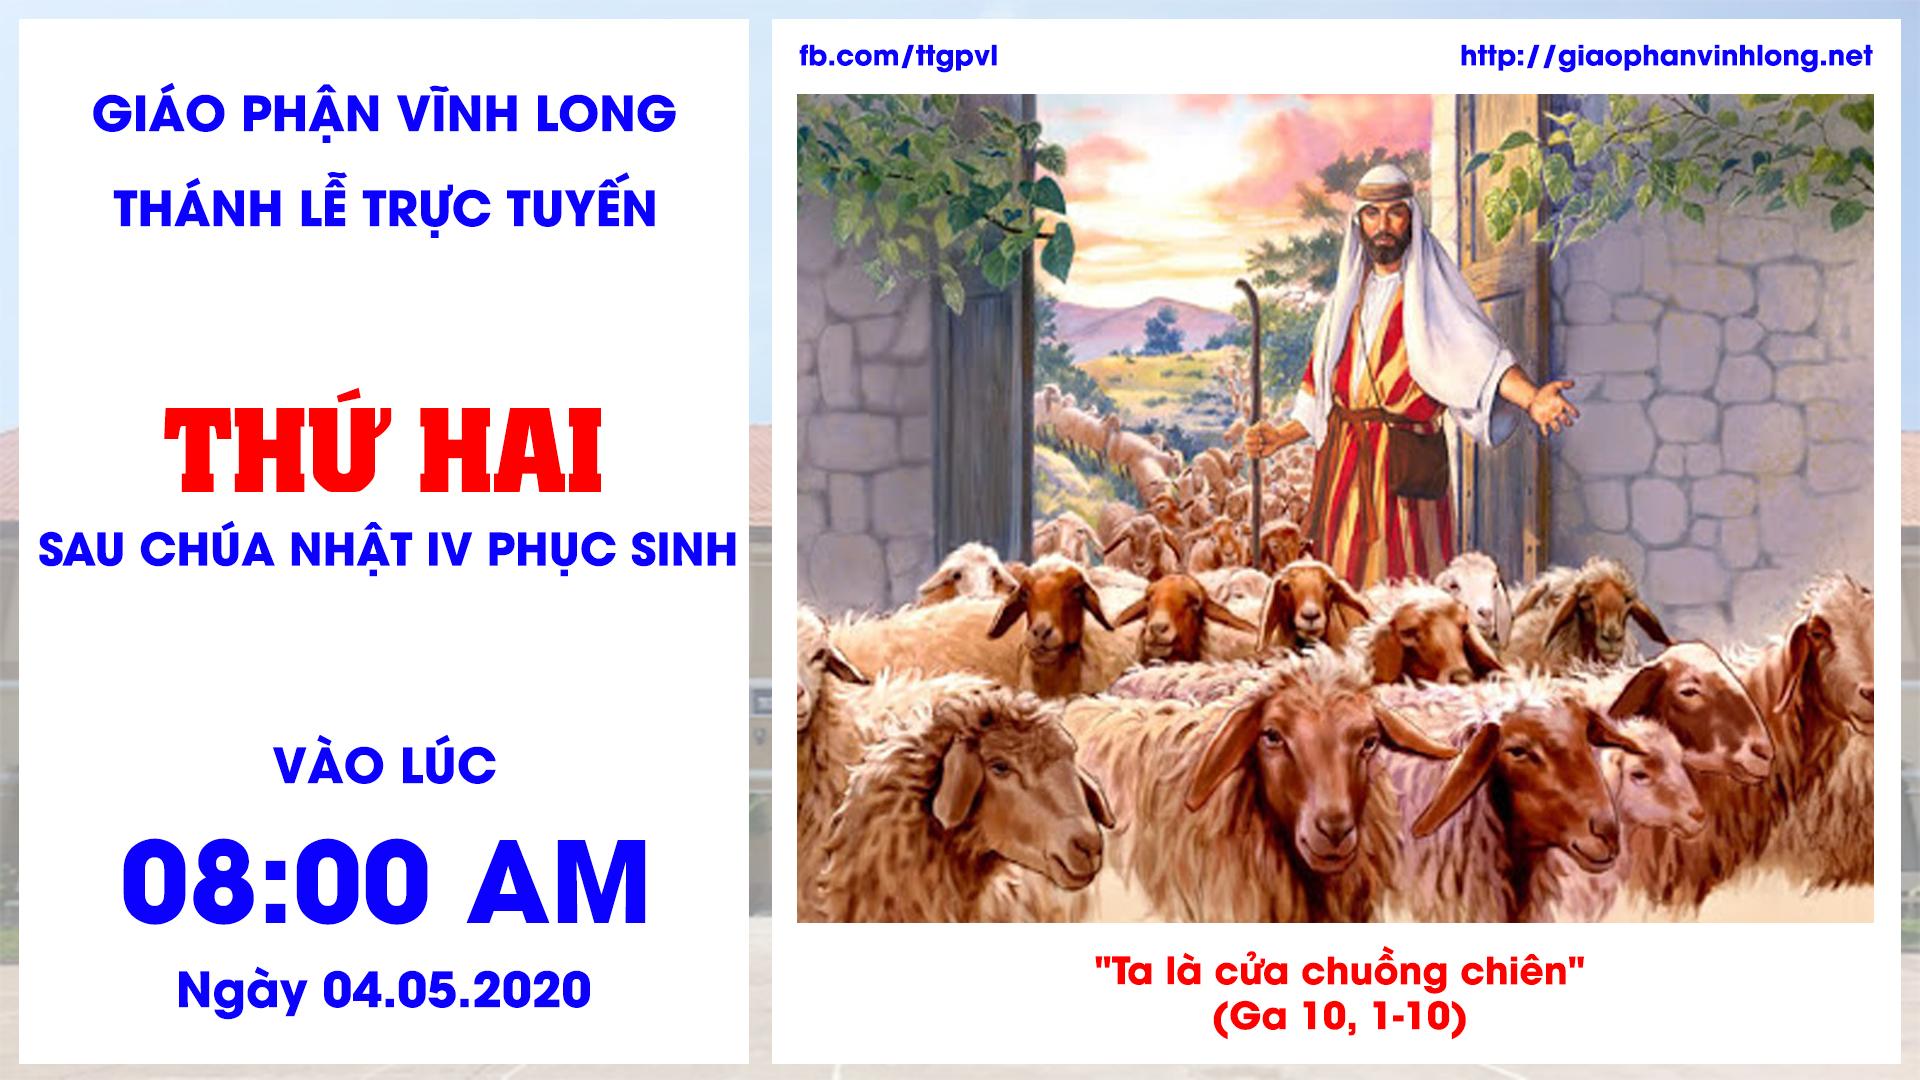 Thánh lễ trực tuyến: Thánh lễ Thứ Hai sau Chúa Nhật IV Phục Sinh - 04.05.2020